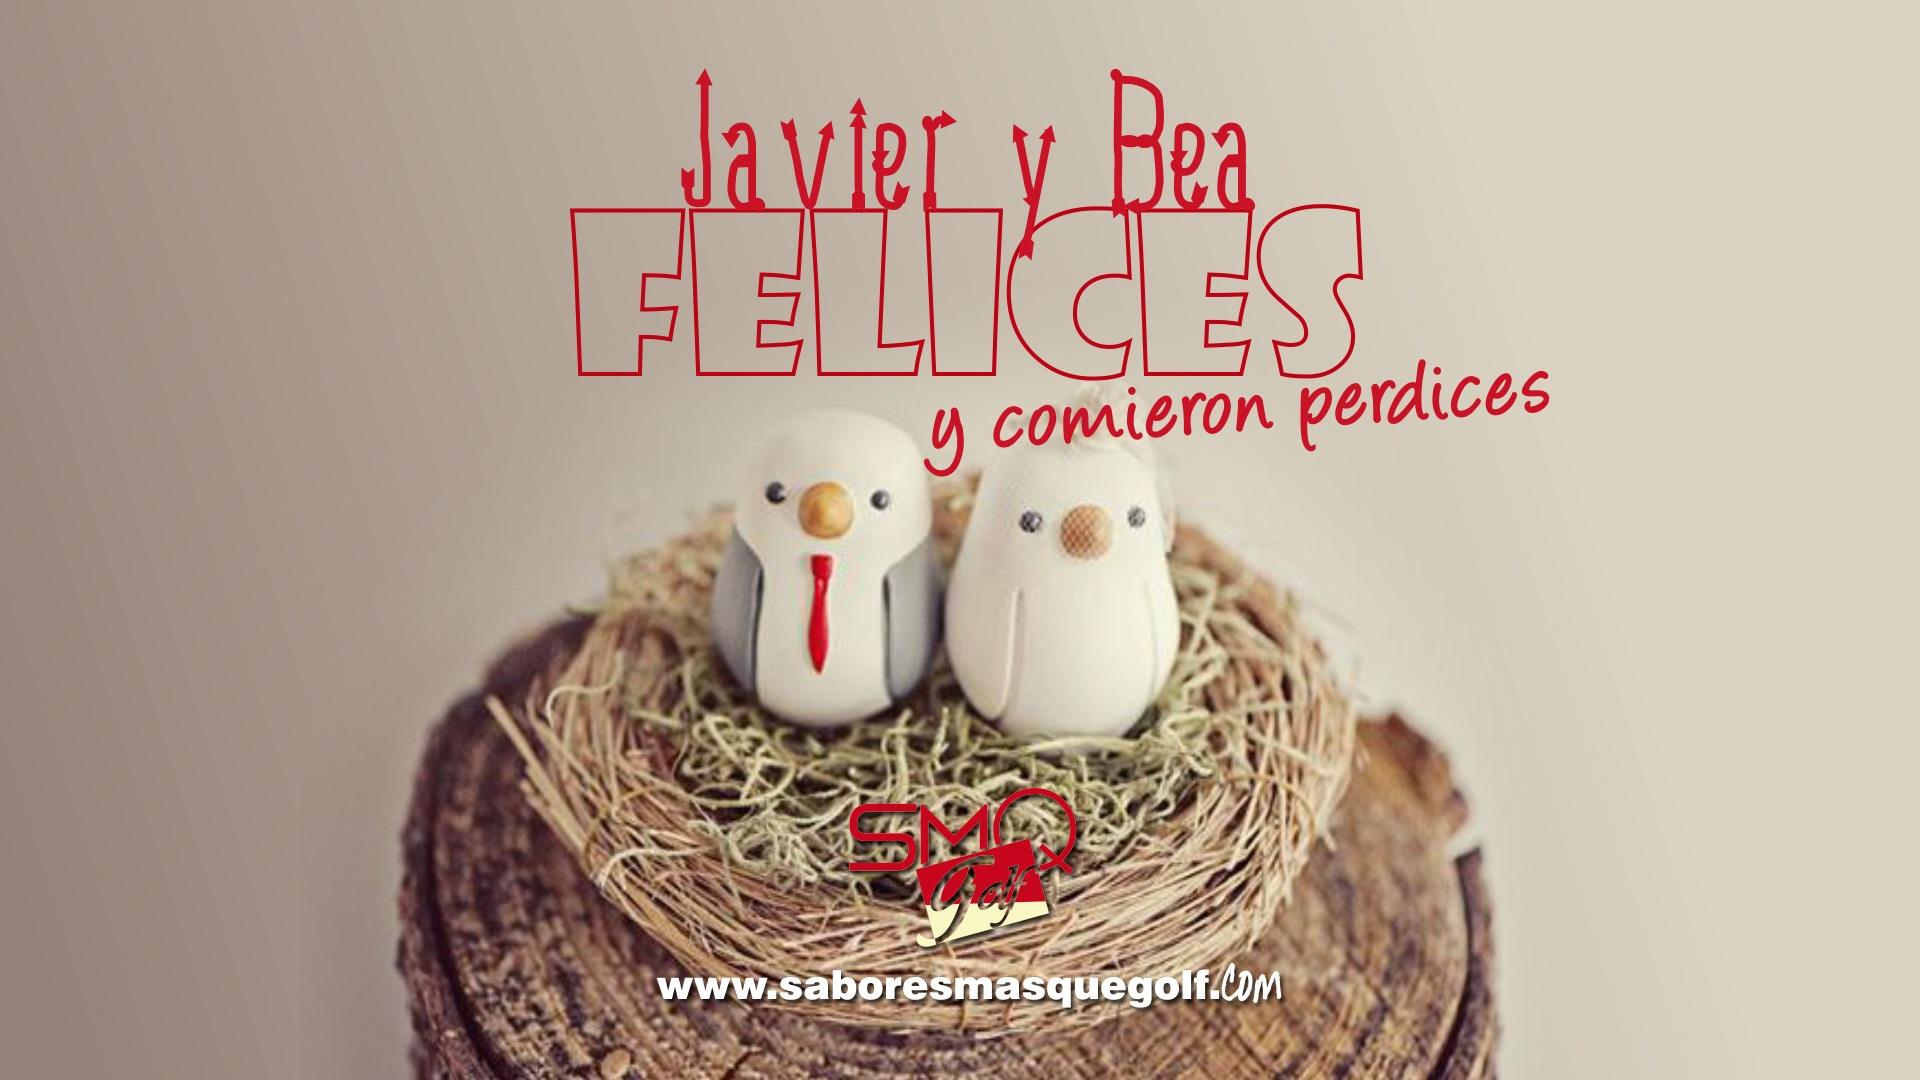 Javier y Bea Felices y Comieron perdices Blog Sabores mas que Golf by PerfectPixel Publicidad